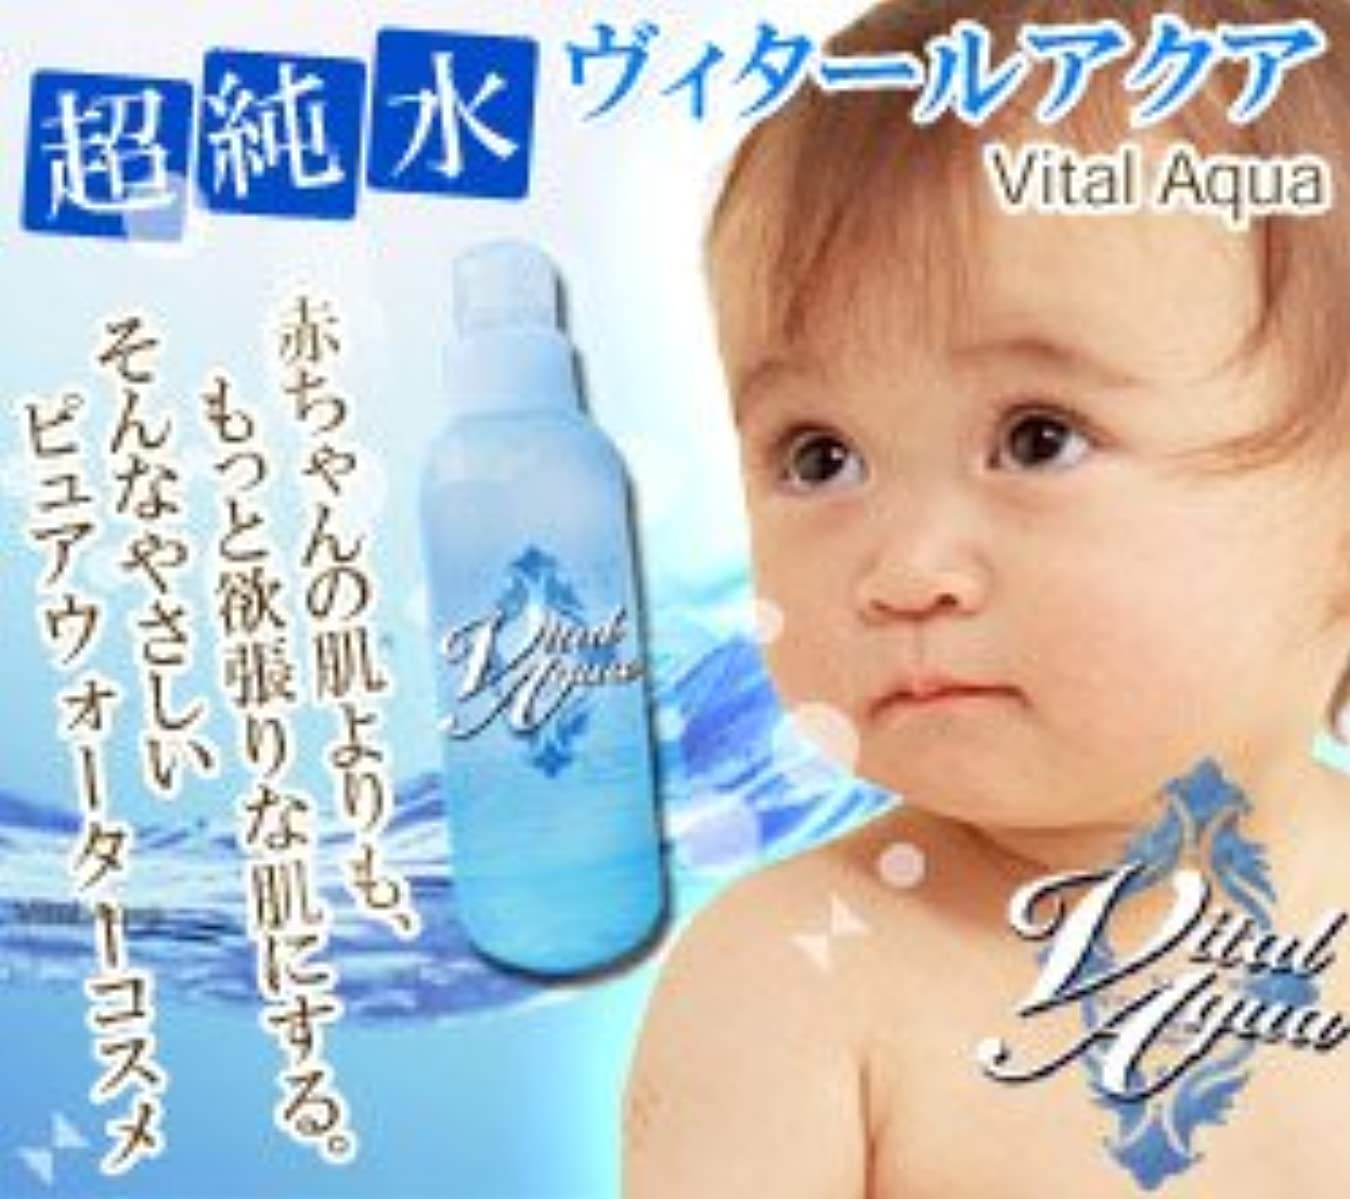 ハグ出版事業超純水化粧水 ヴィタールアクア200ml